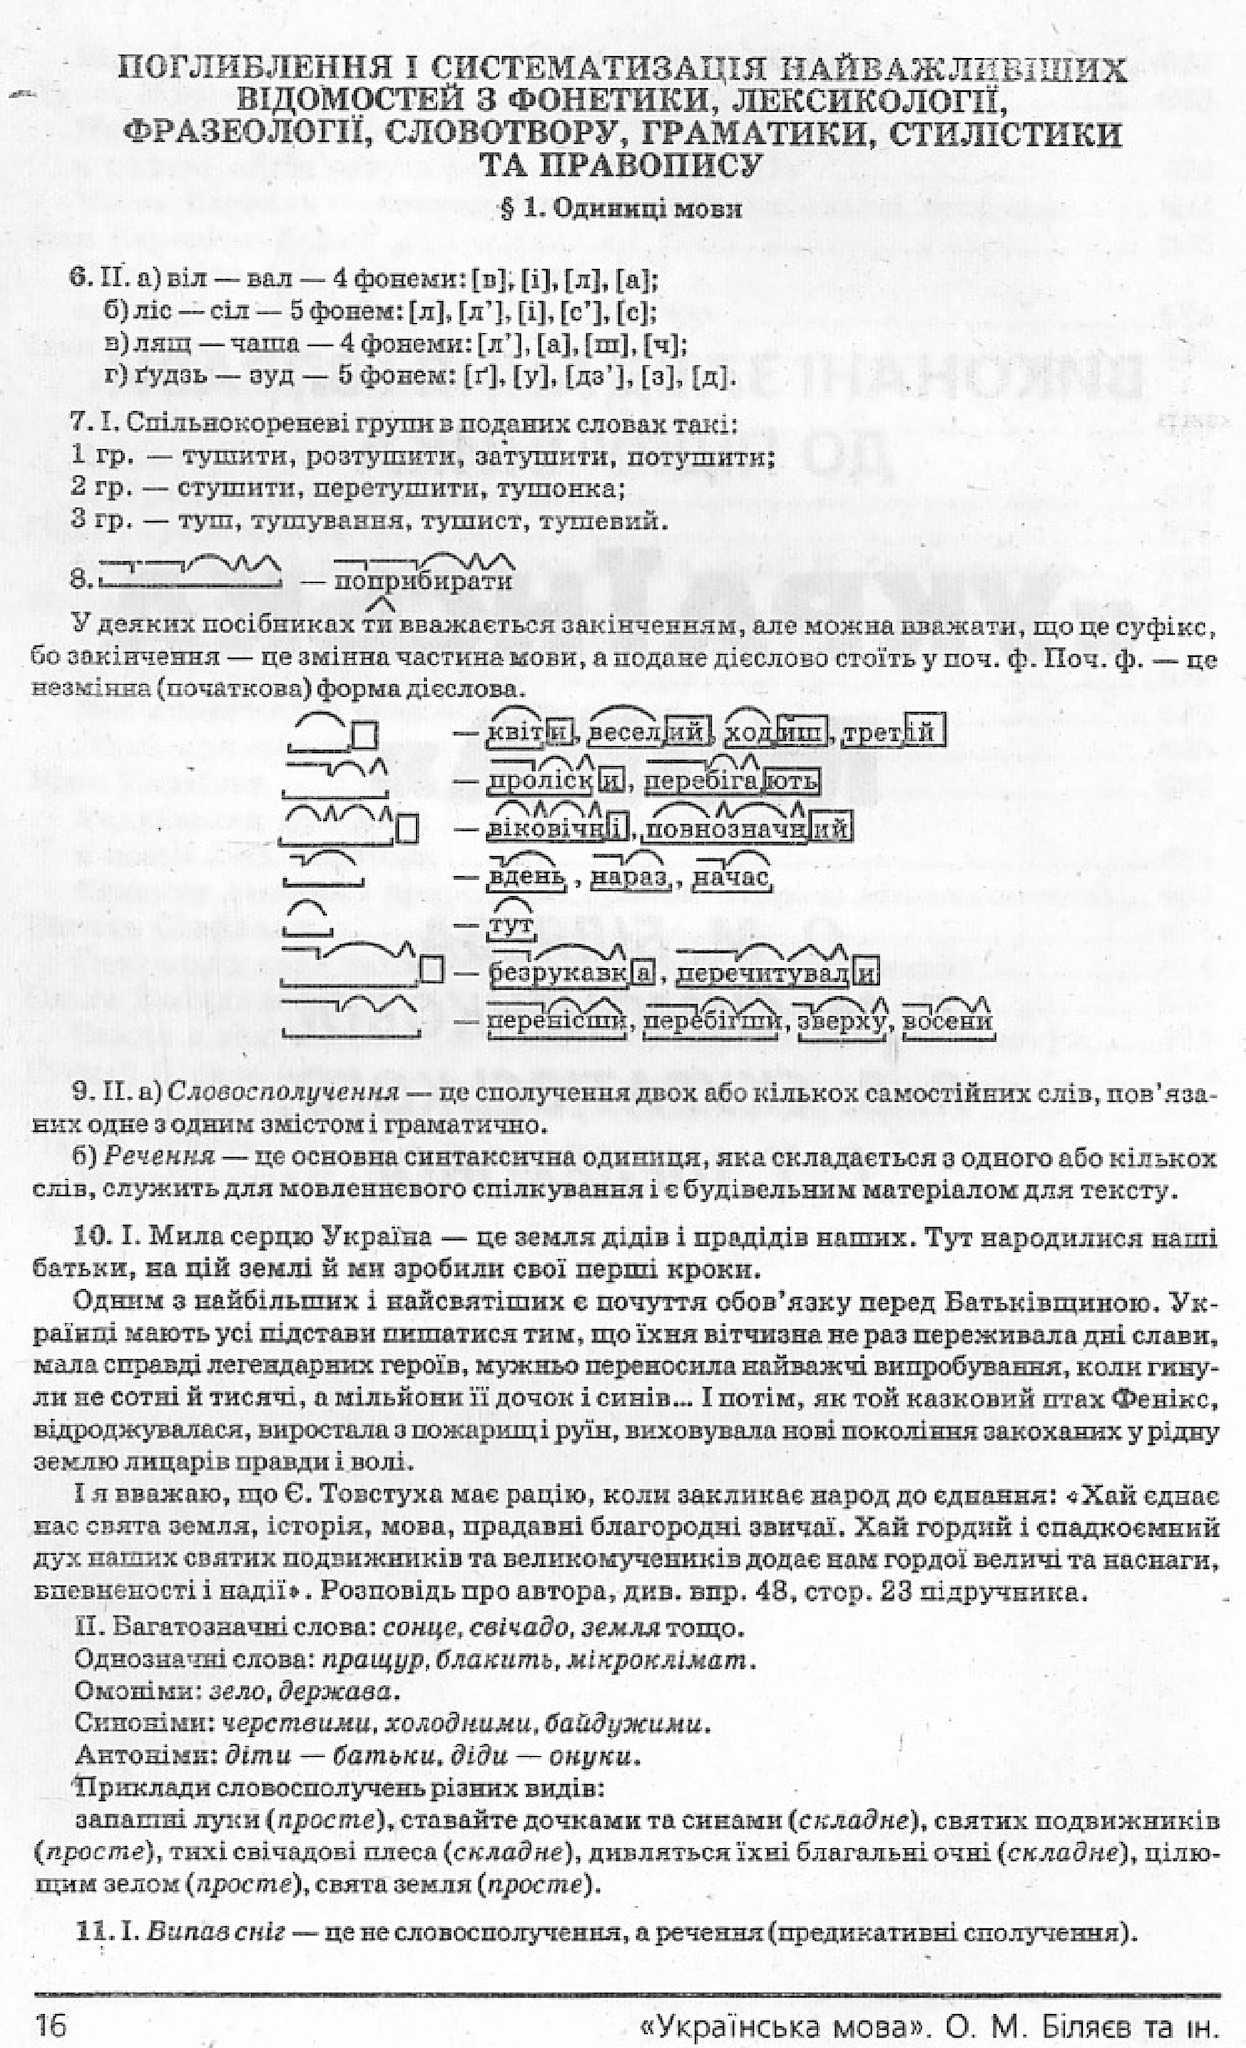 Біляєв Українська Мова 11 Клас Гдз